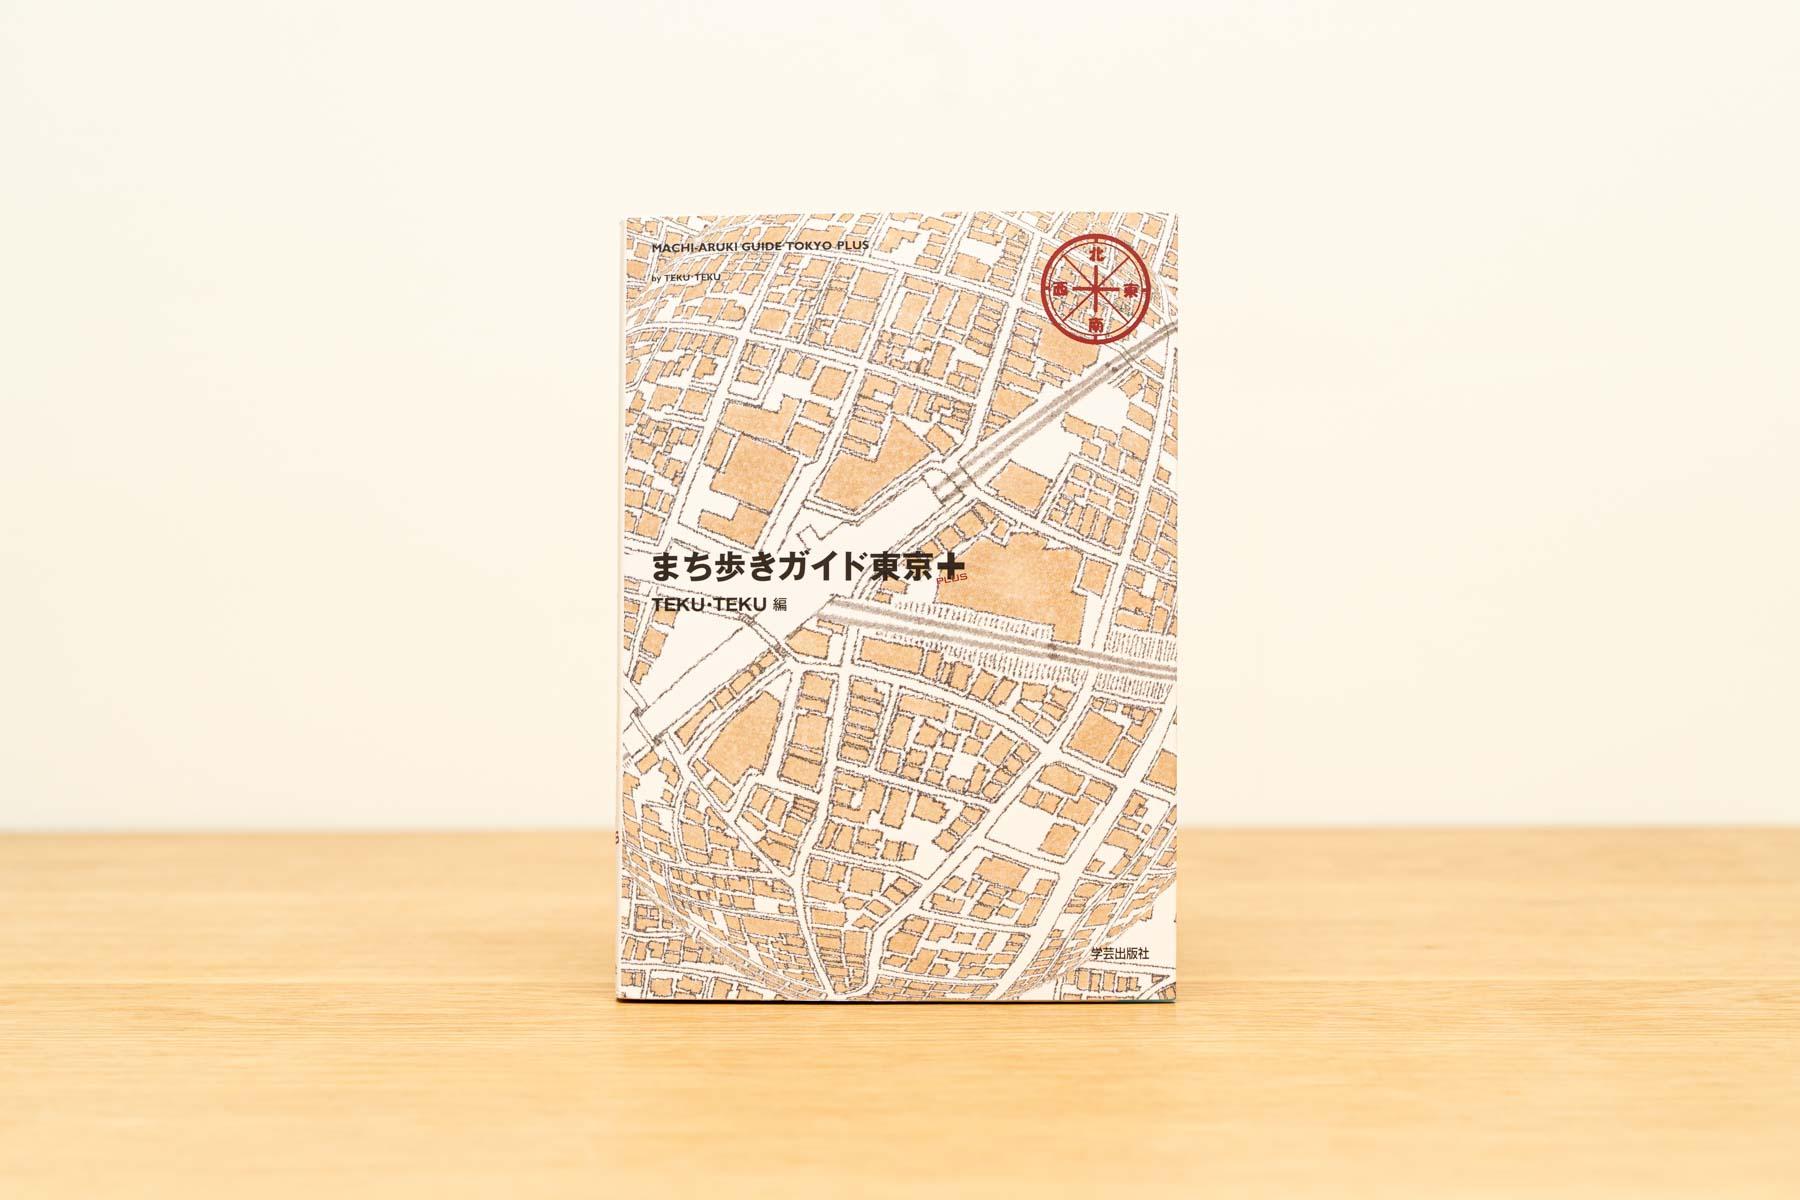 『まち歩きガイド東京+』